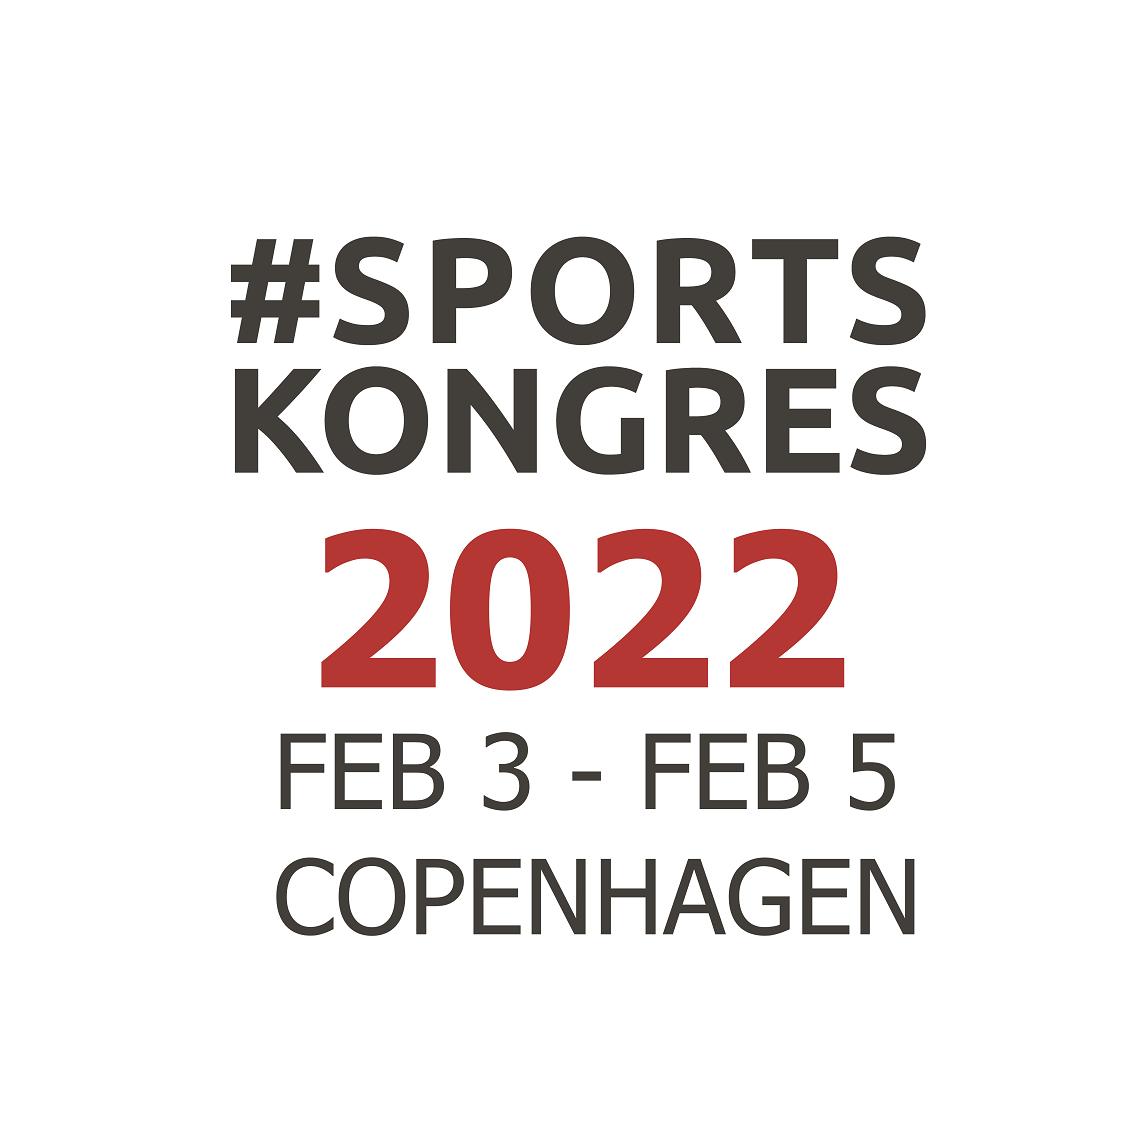 sportskongres2022-logo-1140-x-1140